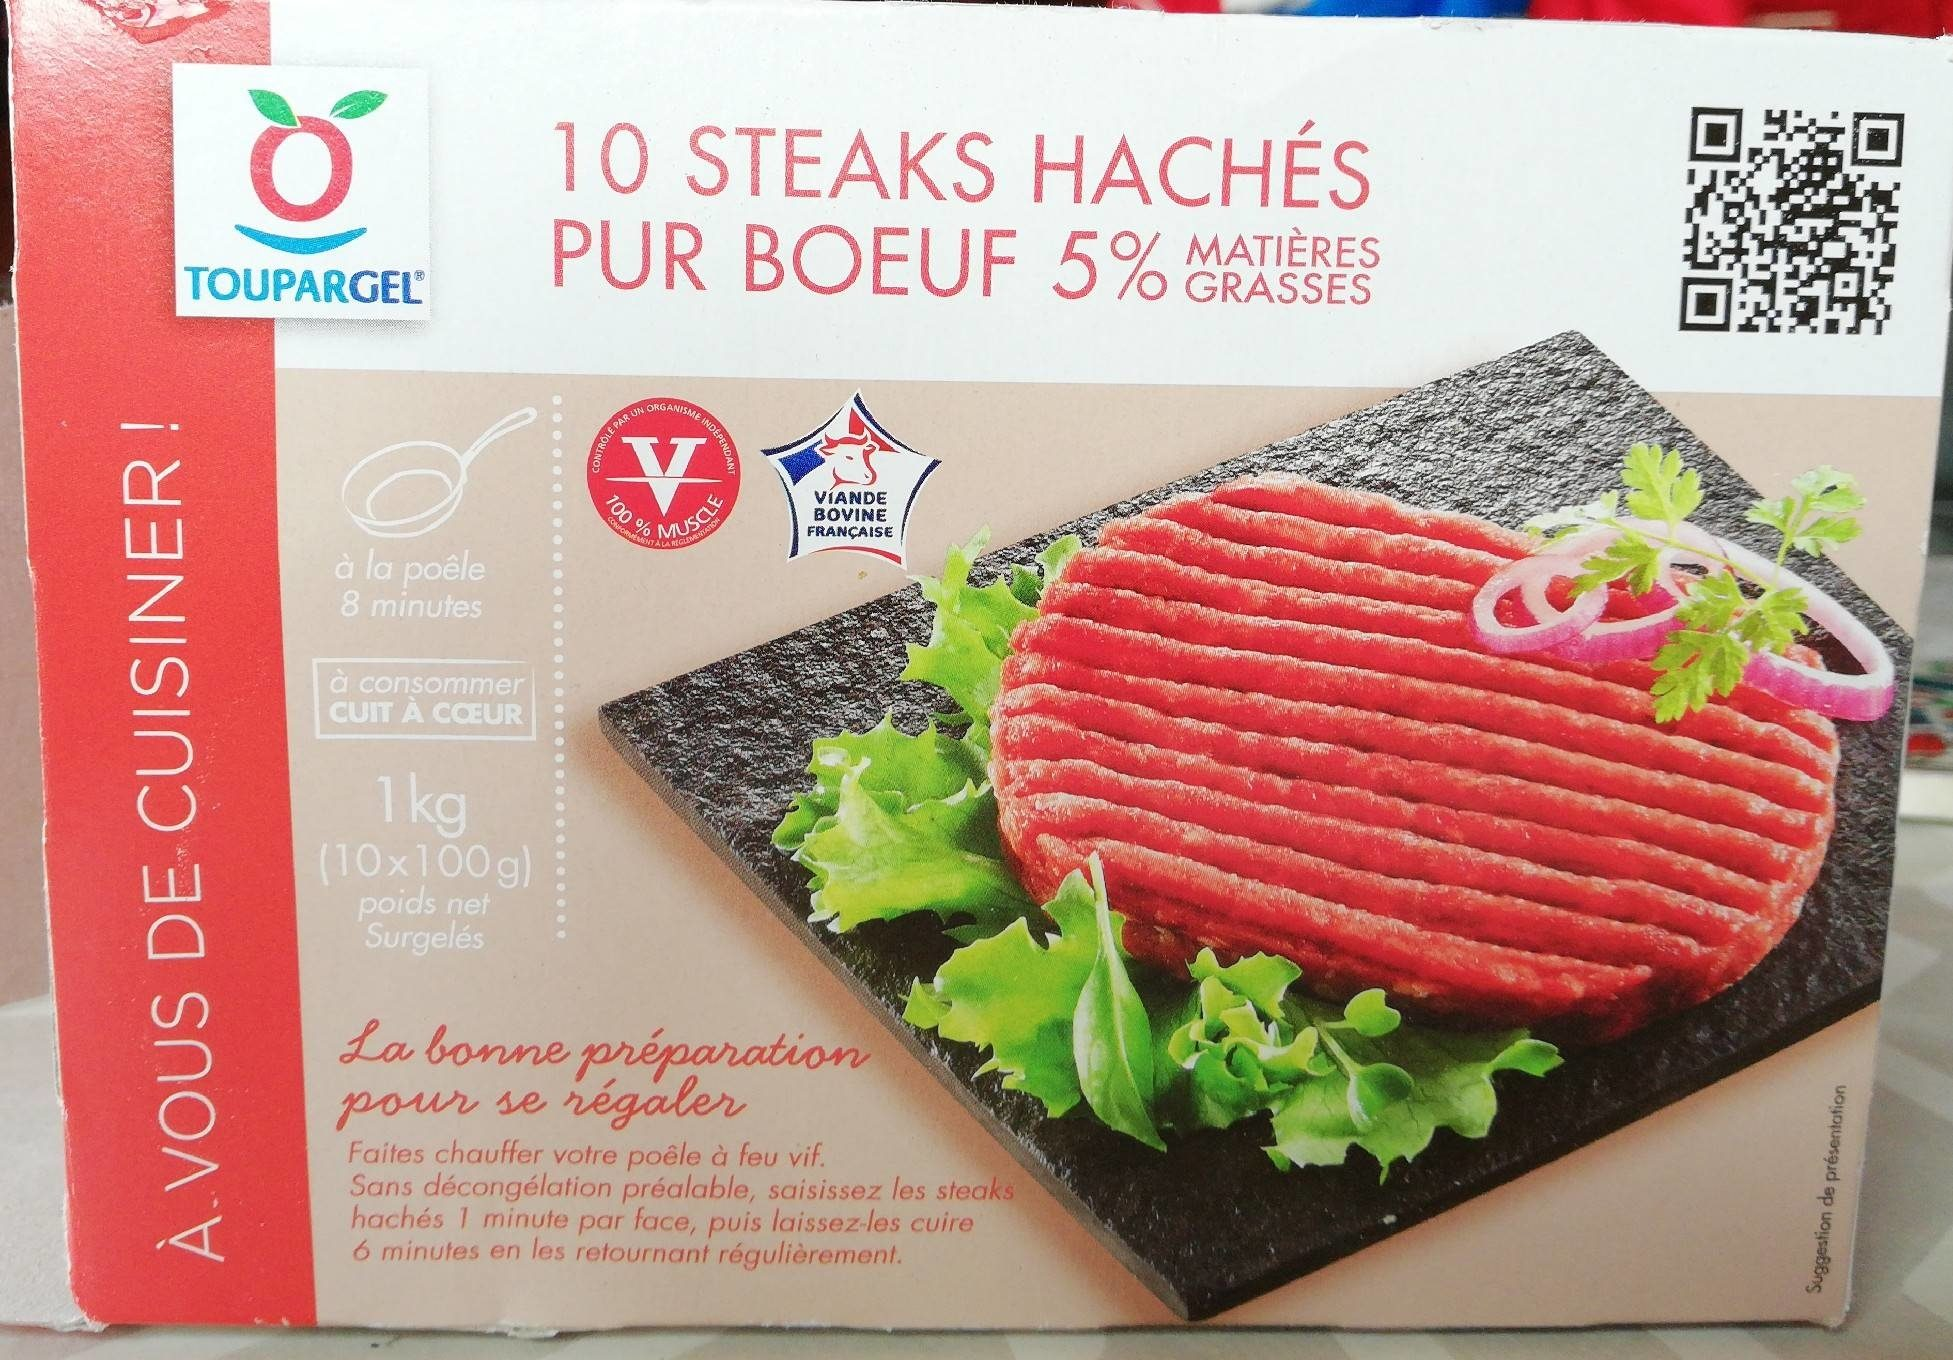 10 steaks hachés pur bœuf 5%matières grasses - Product